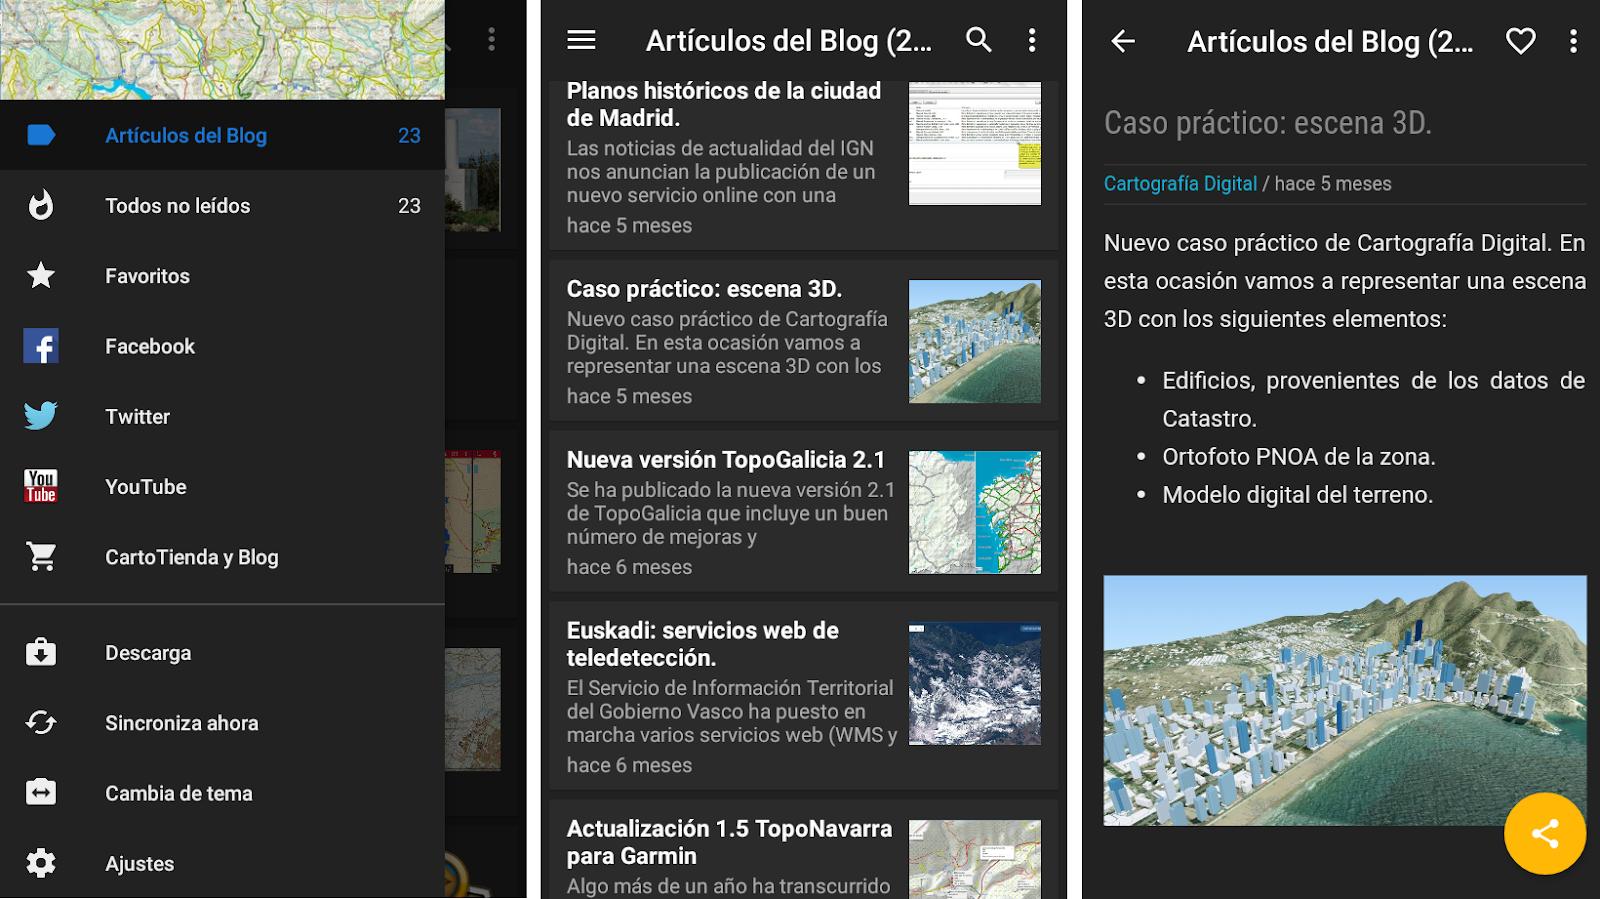 menu principal de digimapas app seccion de articulos del blog y articulo en detalle